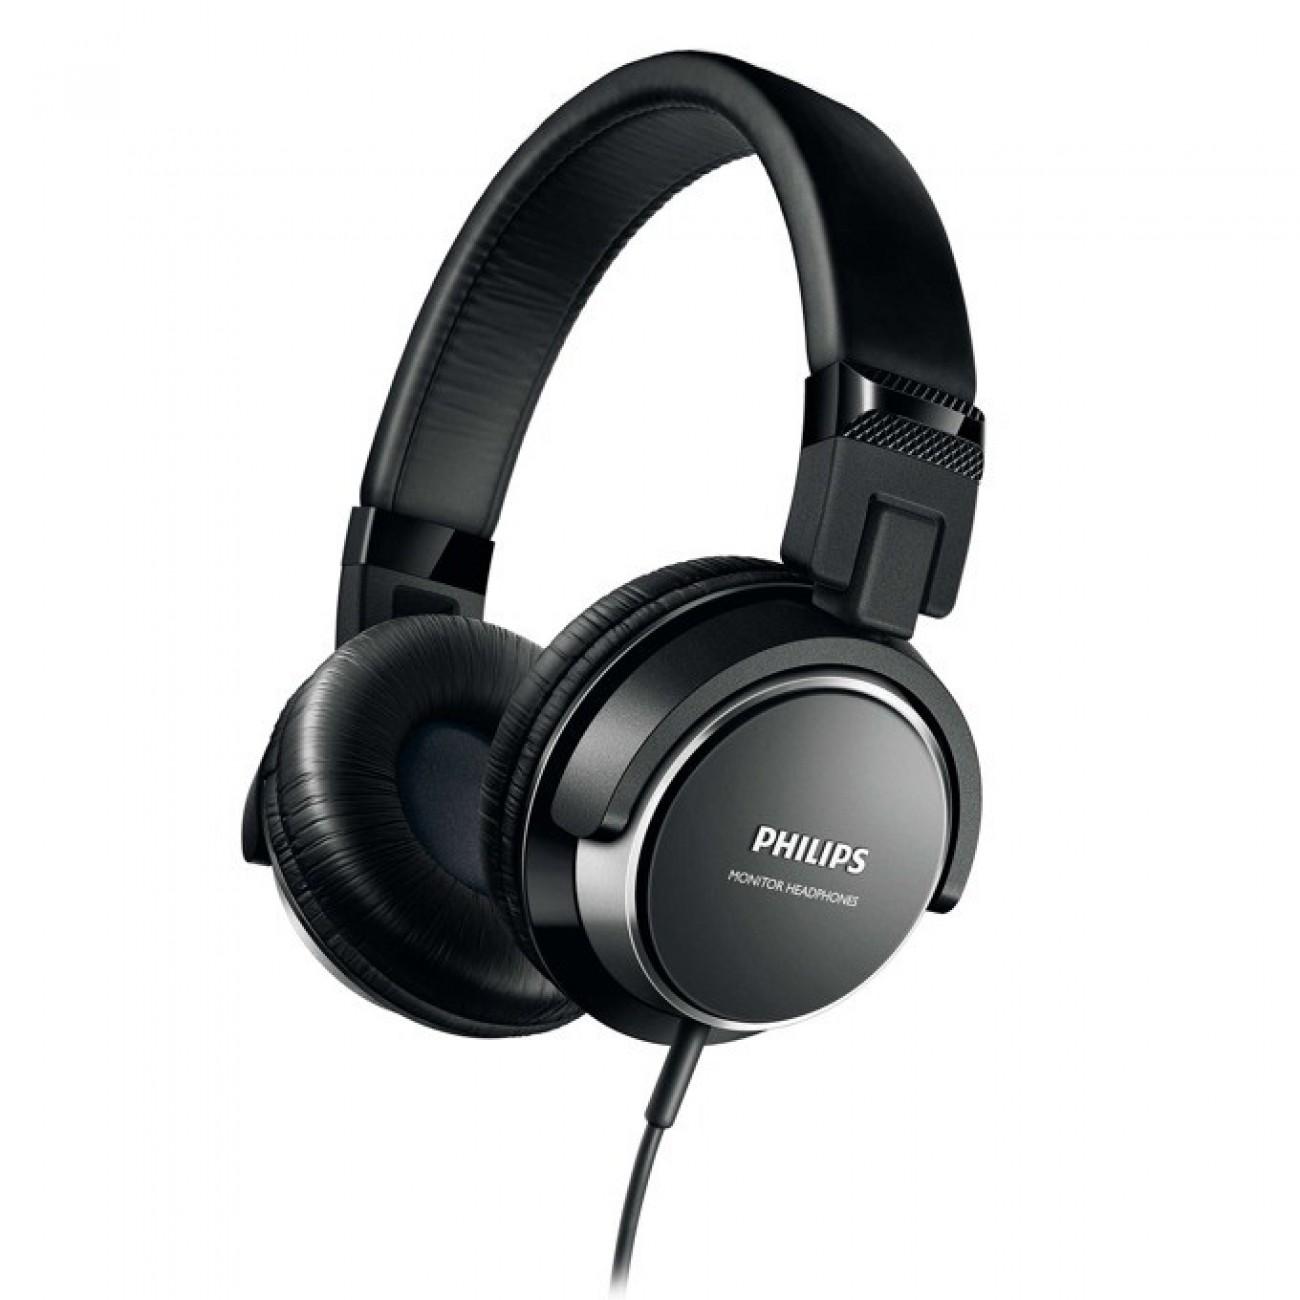 Слушалки Philips SHL3260BK, 106 dB, 2000 mW, черни в Слушалки -  | Alleop